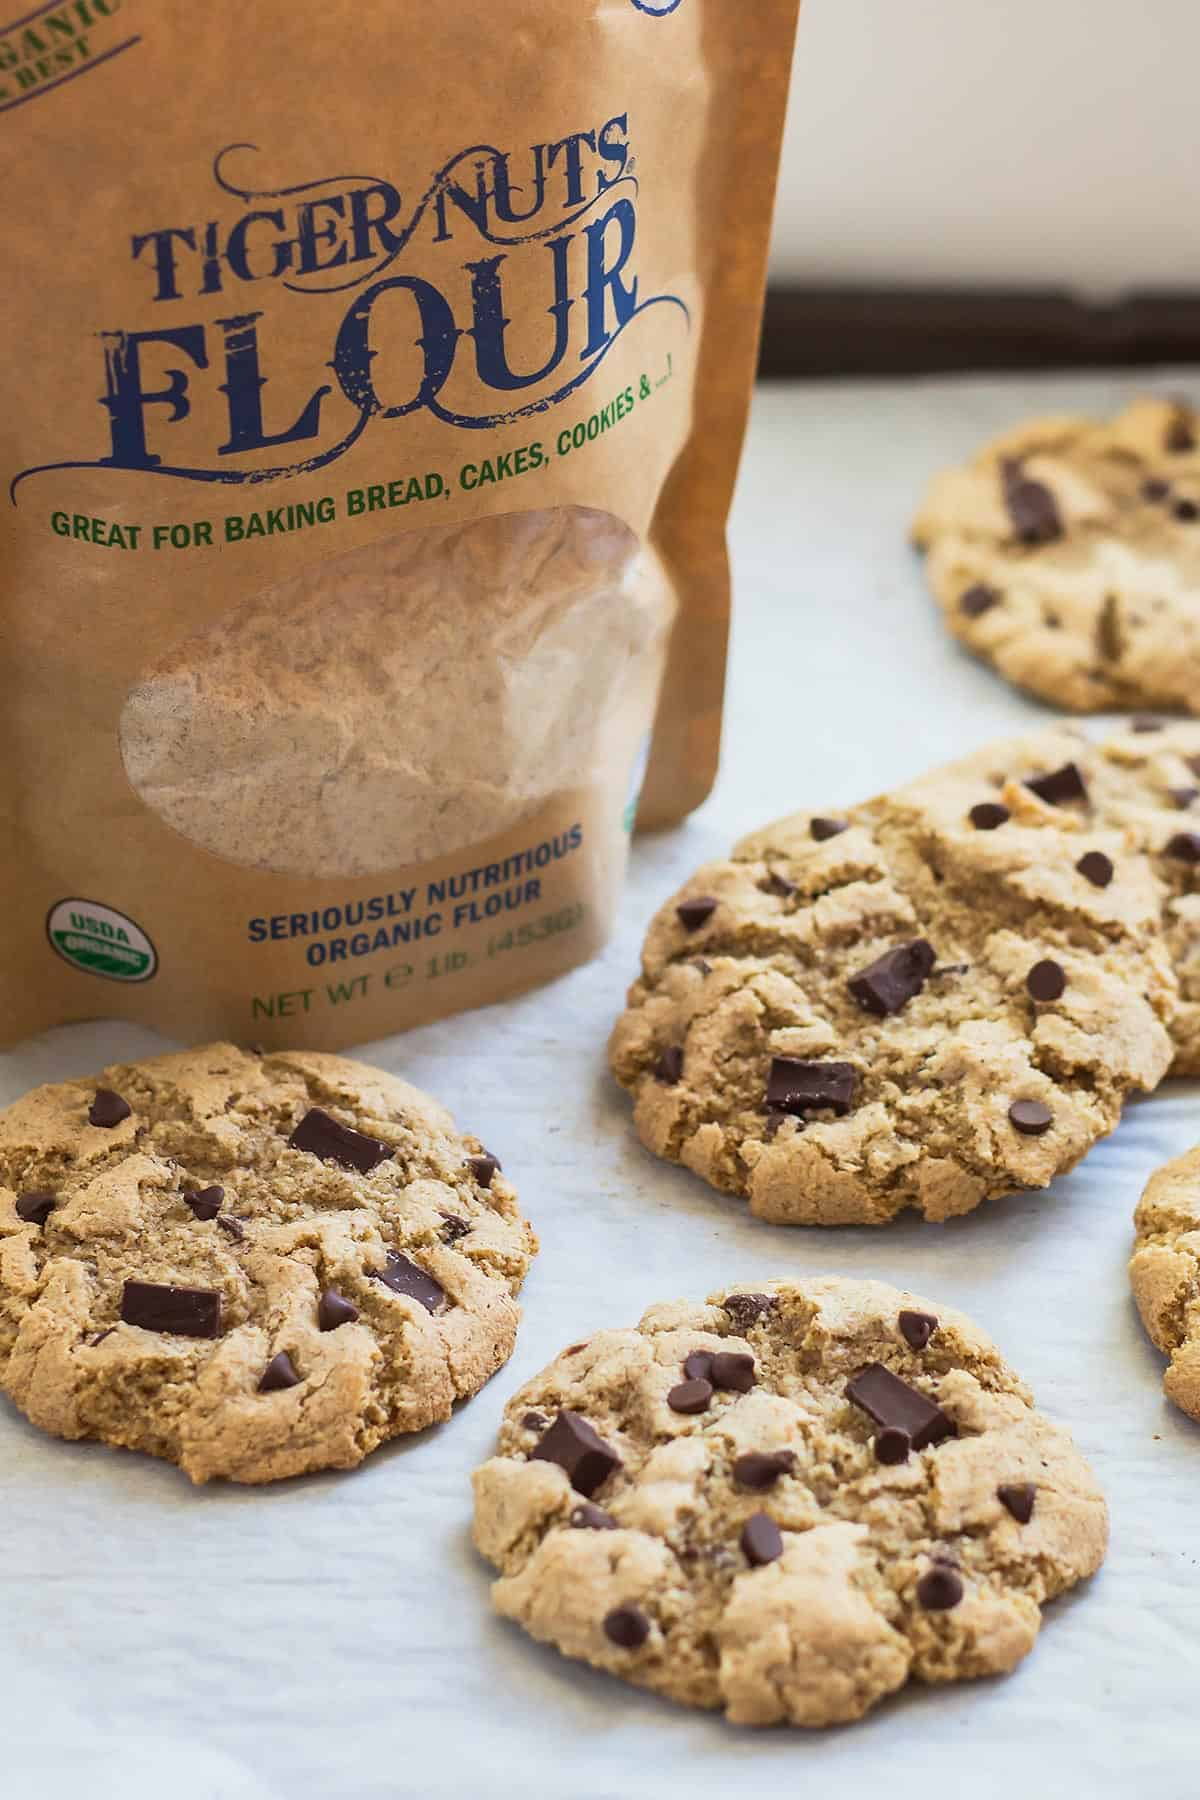 Tigernut Flour Cookies